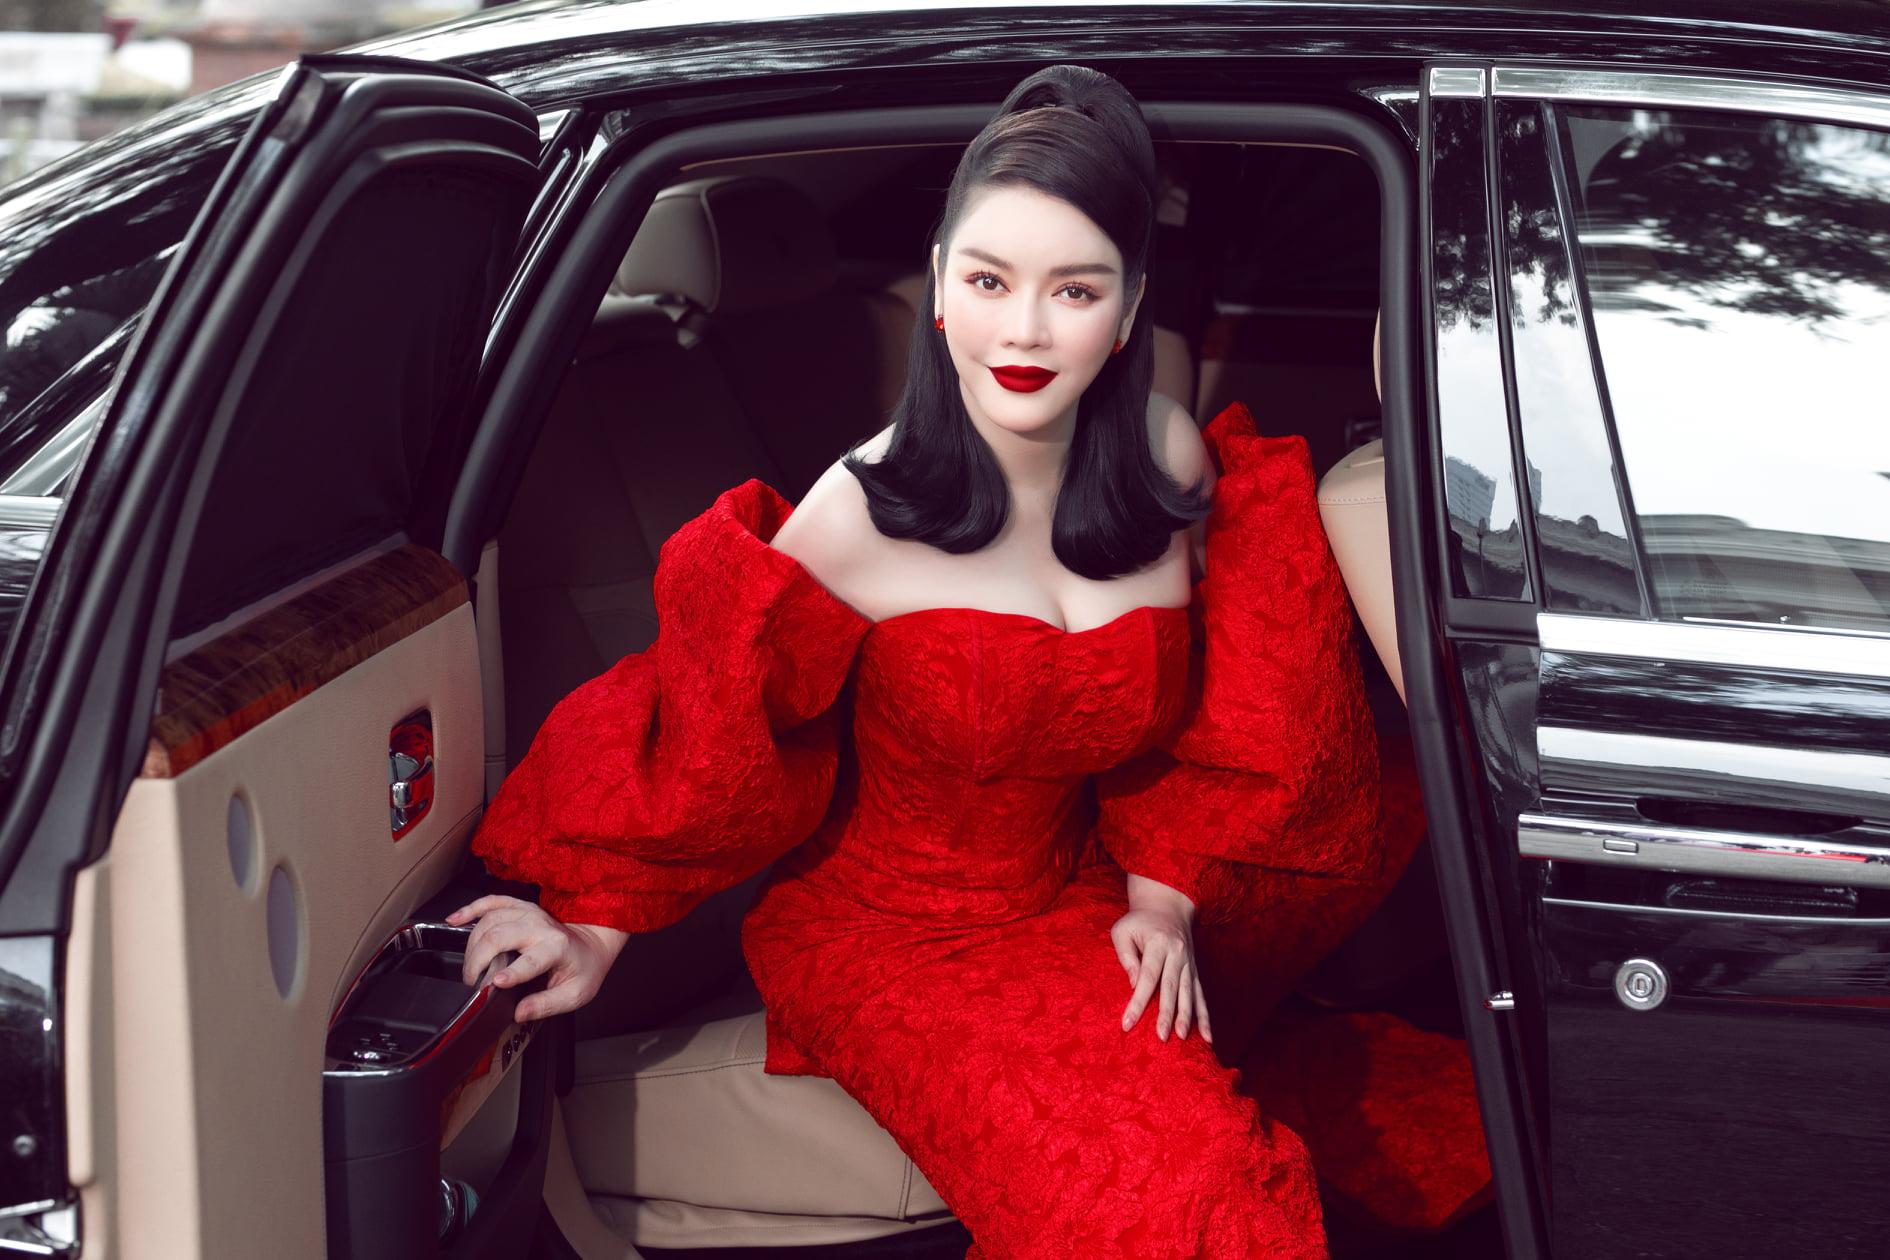 Lý Nhã Kỳ ở tuổi U40 vẫn táo bạo mặc váy xuyên thấu quyến rũ trên xe sang 40 tỷ - Ảnh 9.